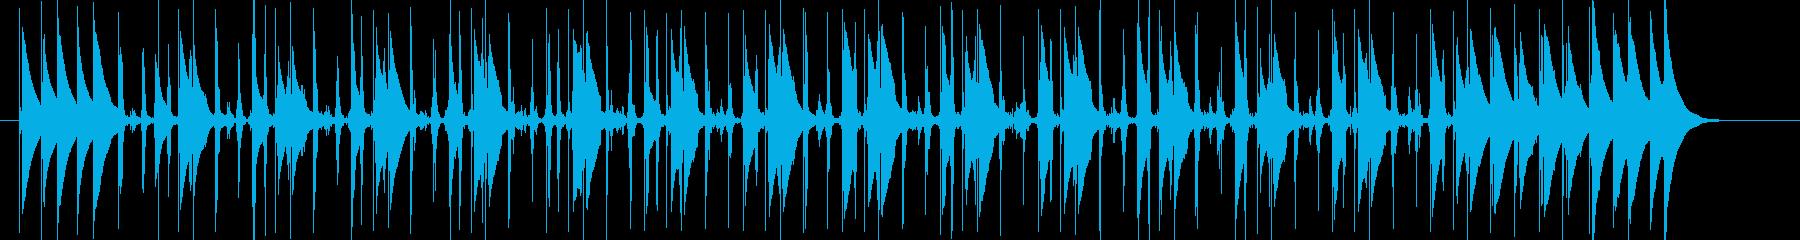 コンガの躍動するリズムLa Bomba4の再生済みの波形